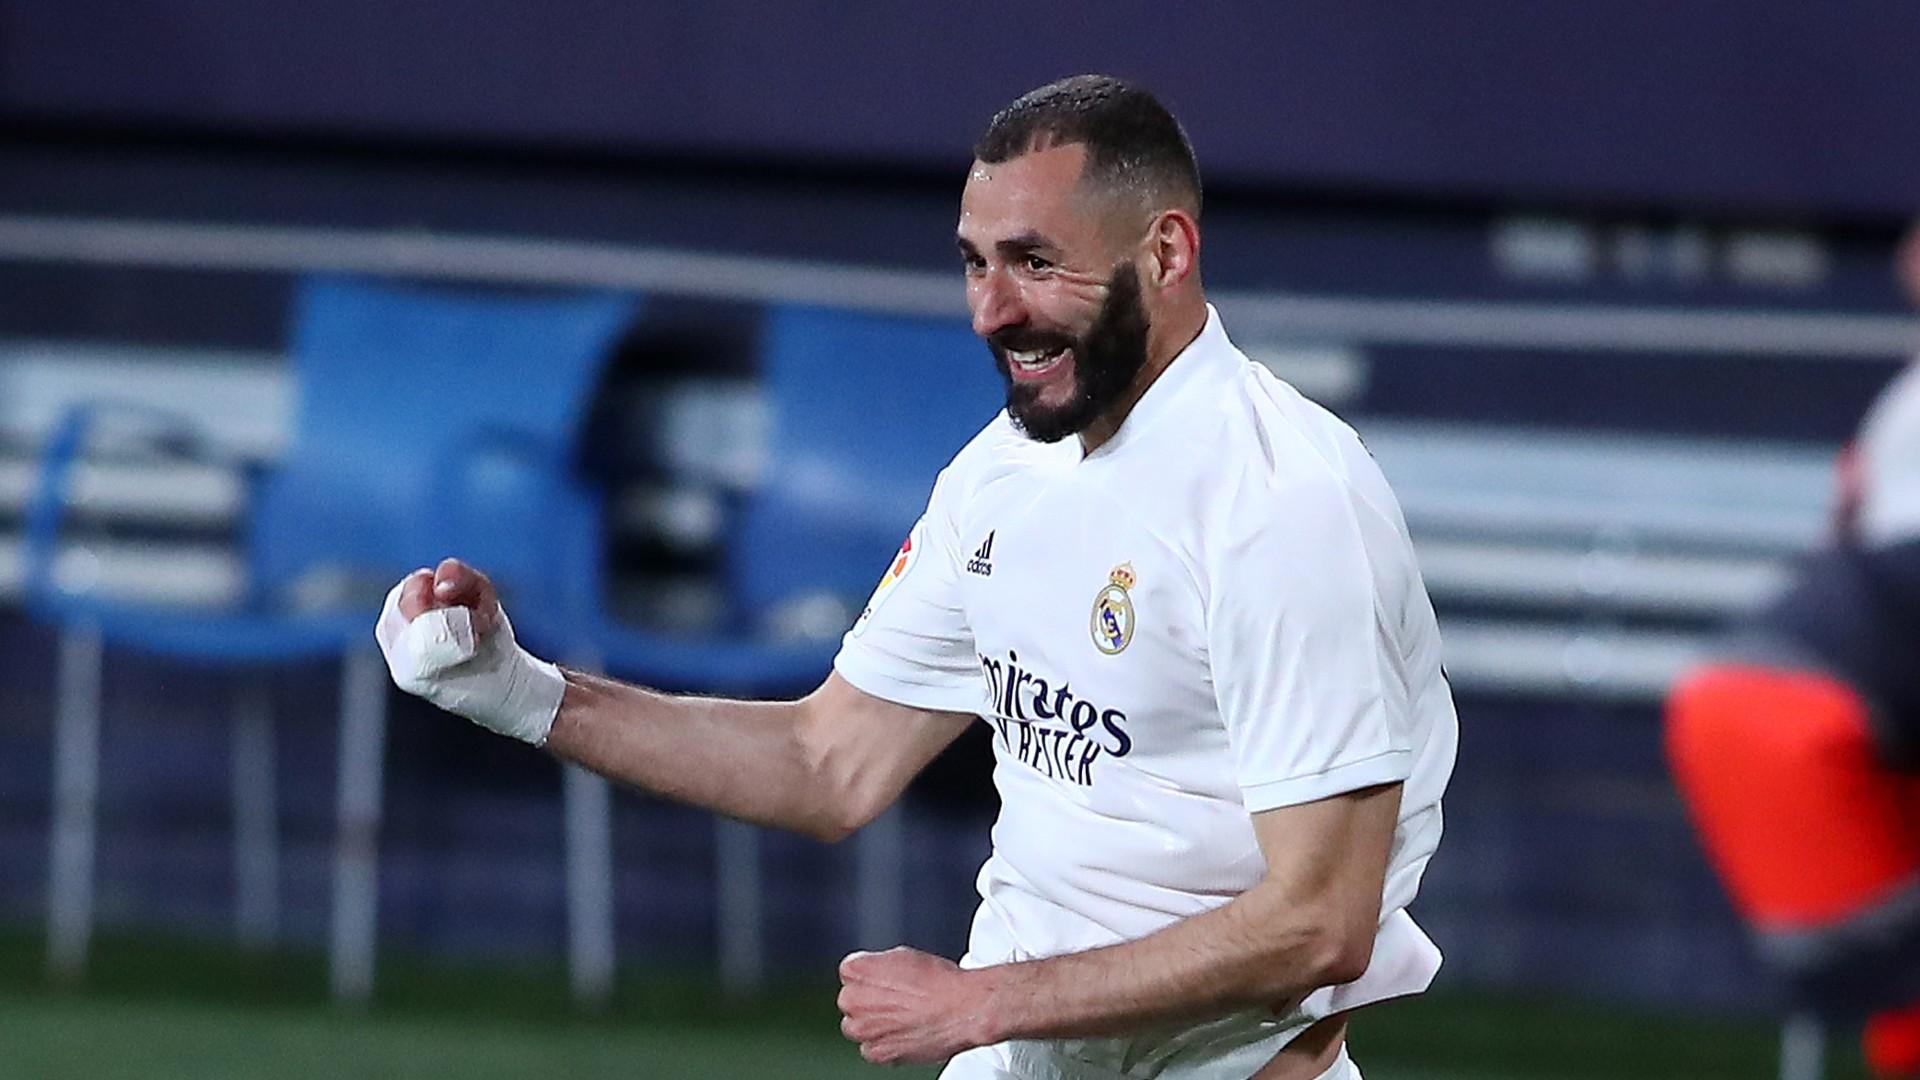 Cadiz 0-3 Real Madrid: Super Benzema scores twice to send Los Blancos top